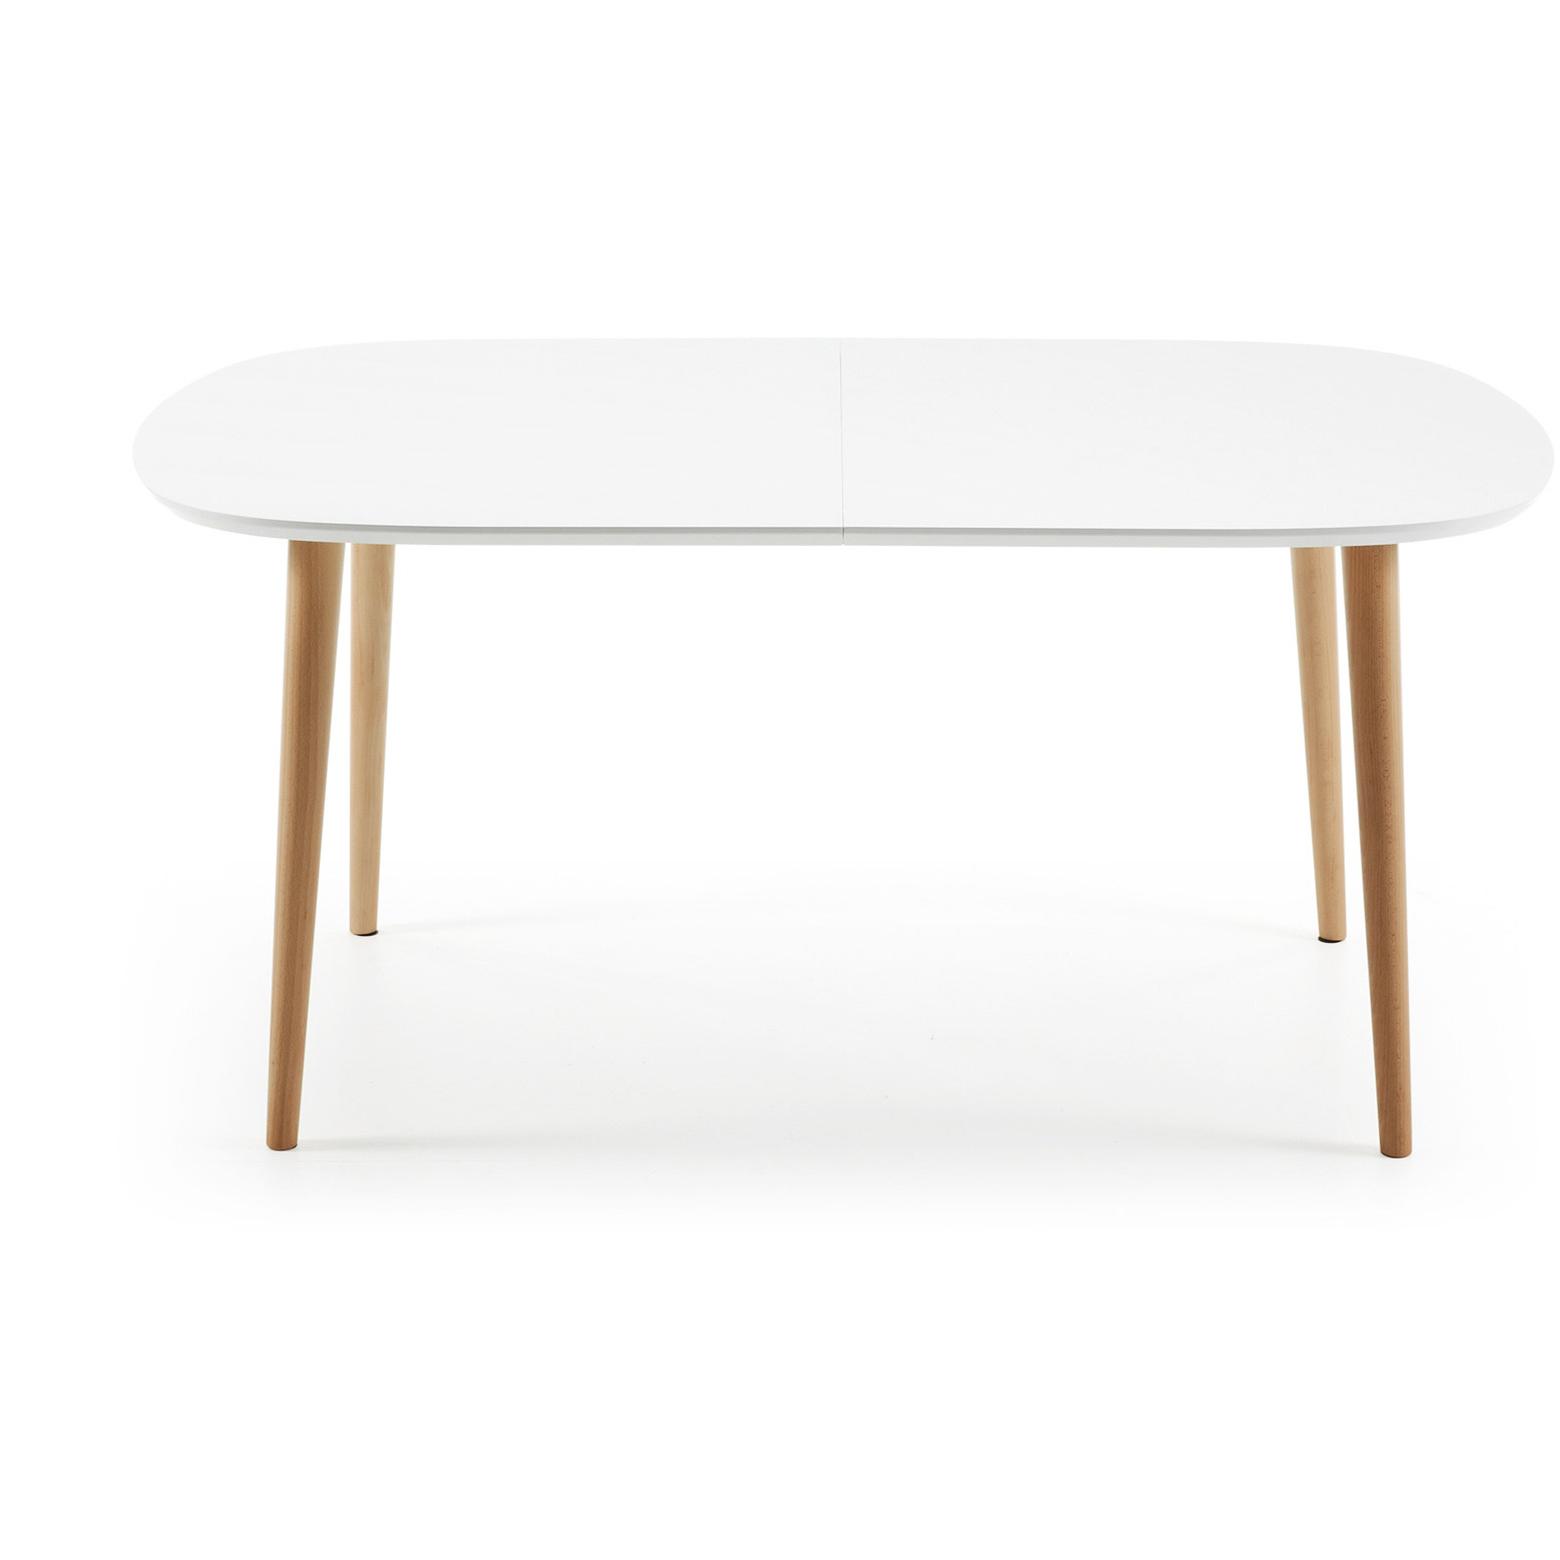 Ovalen Witte Eettafel.Kave Home Uitschuifbare Eettafel Oqui Ovaal 160 260